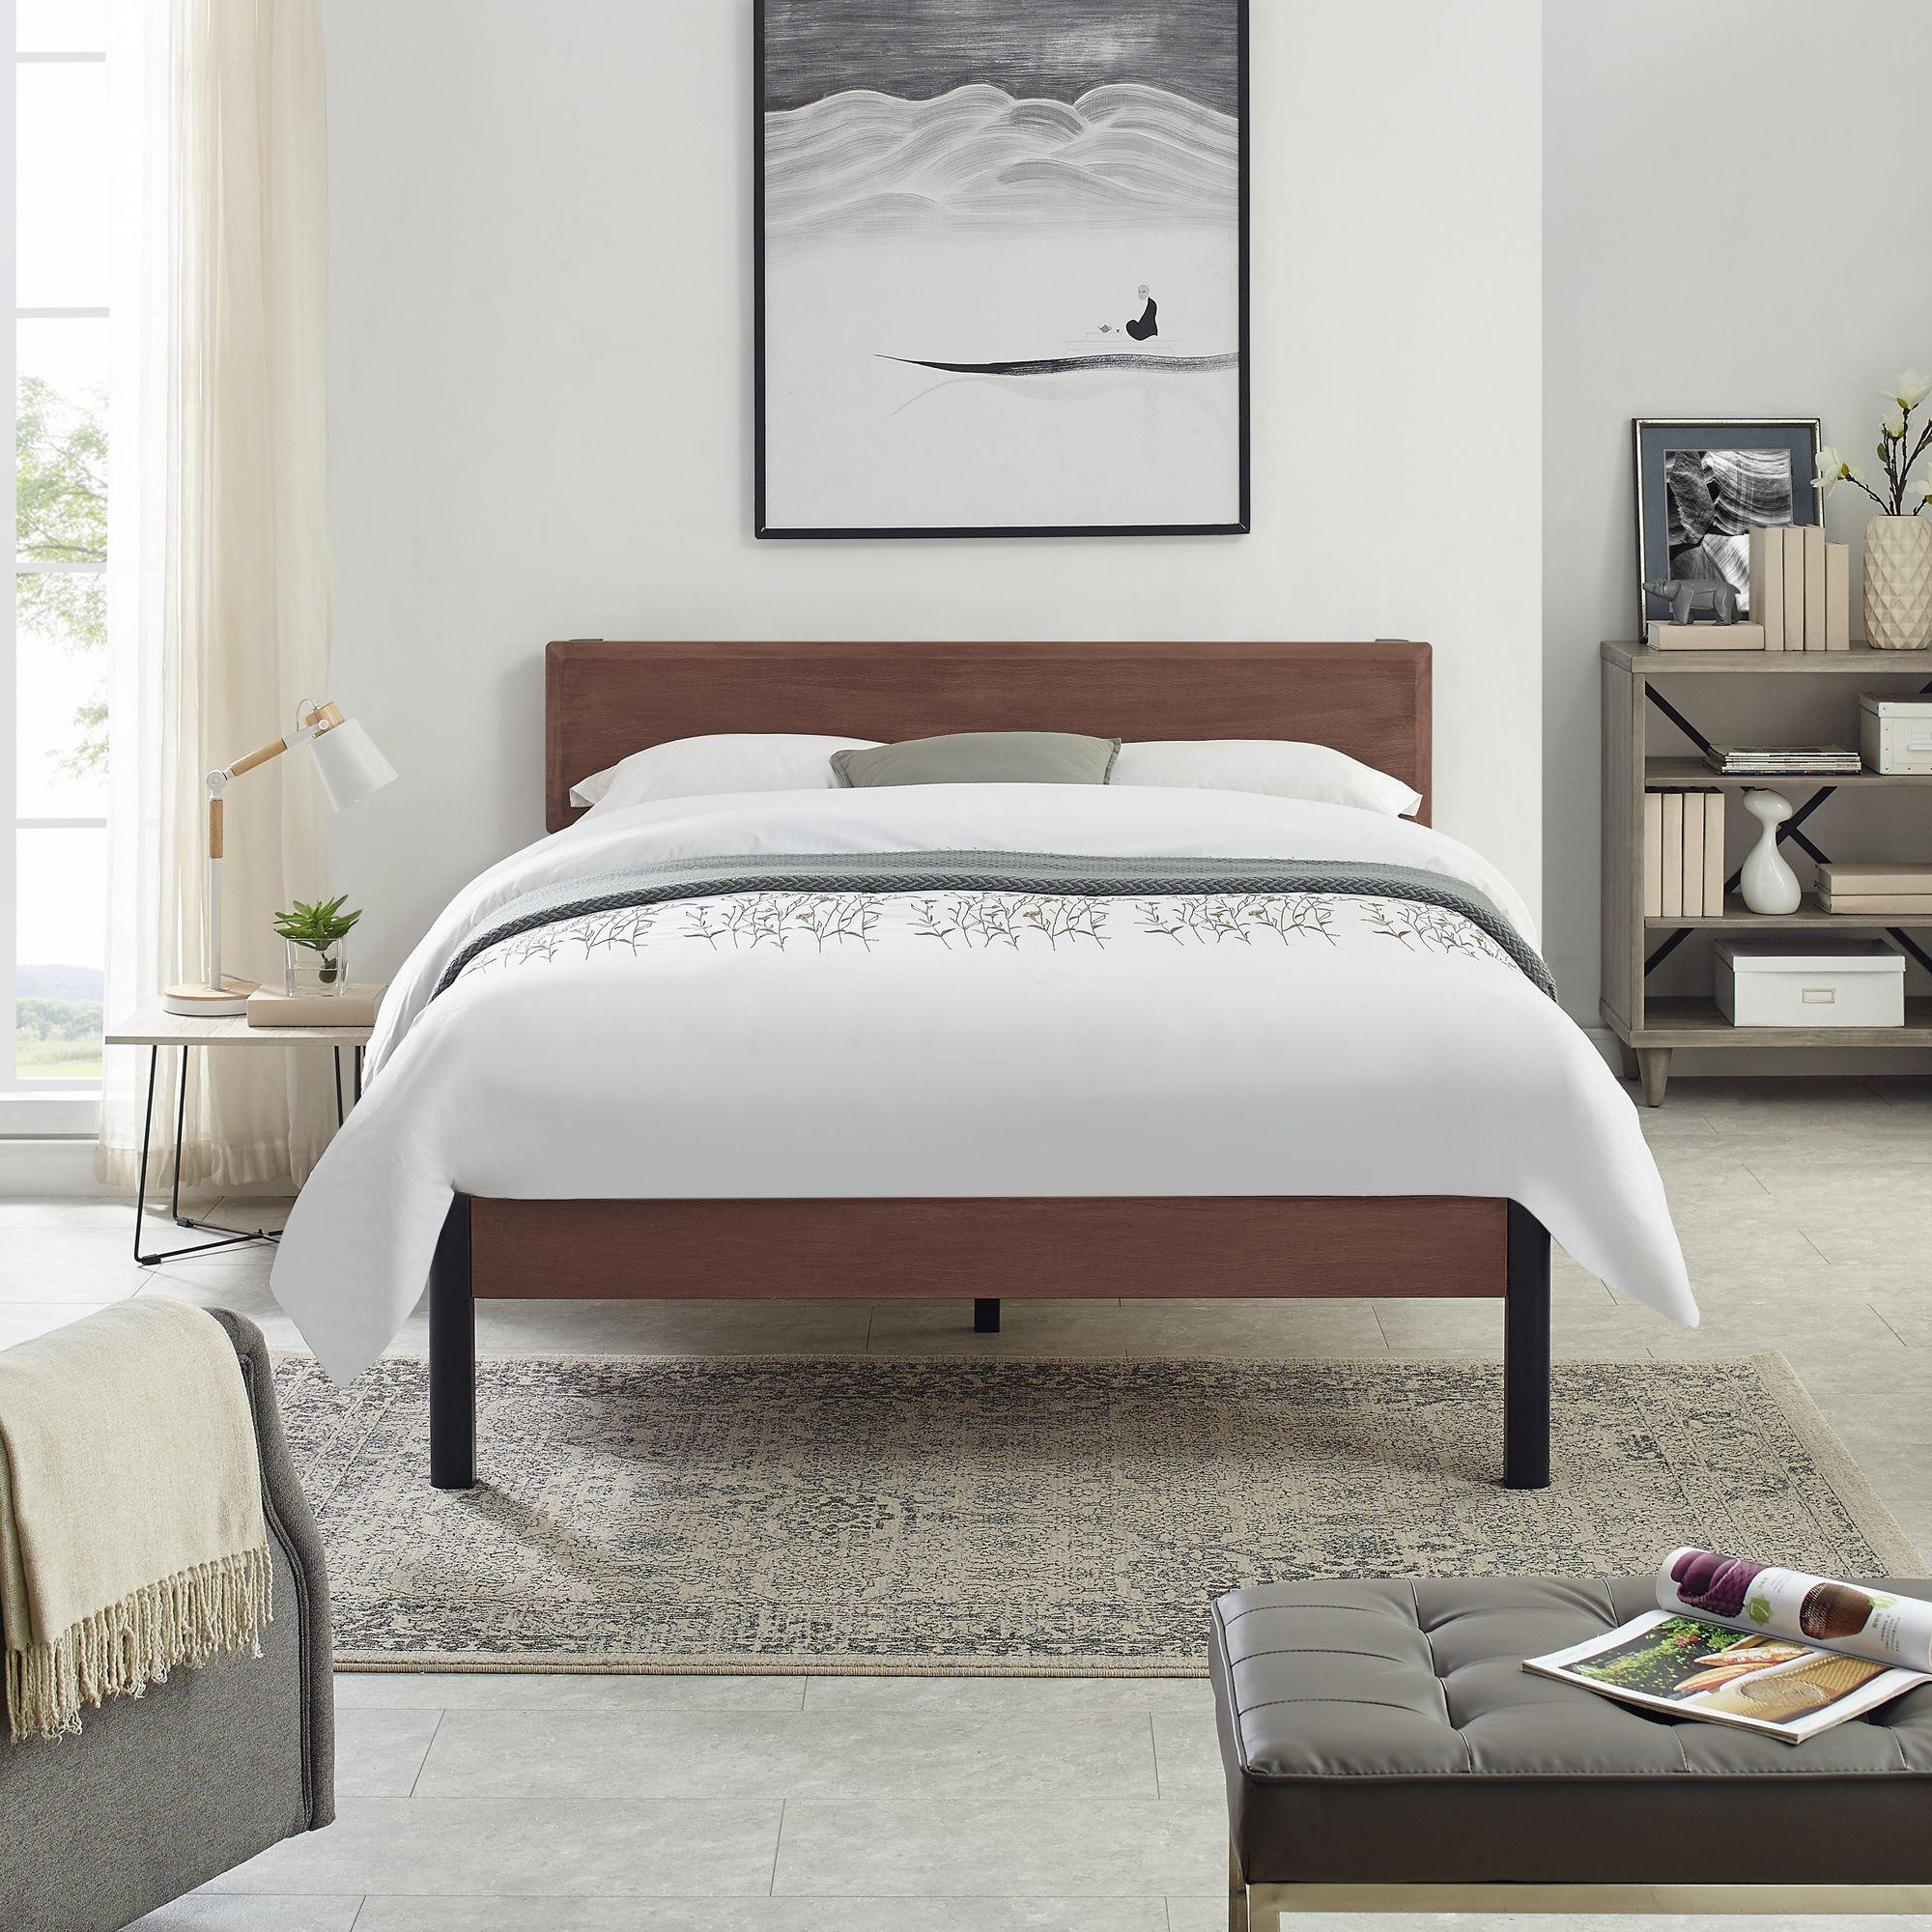 Home Bed Frame And Headboard Platform Bed Frame Metal Platform Bed